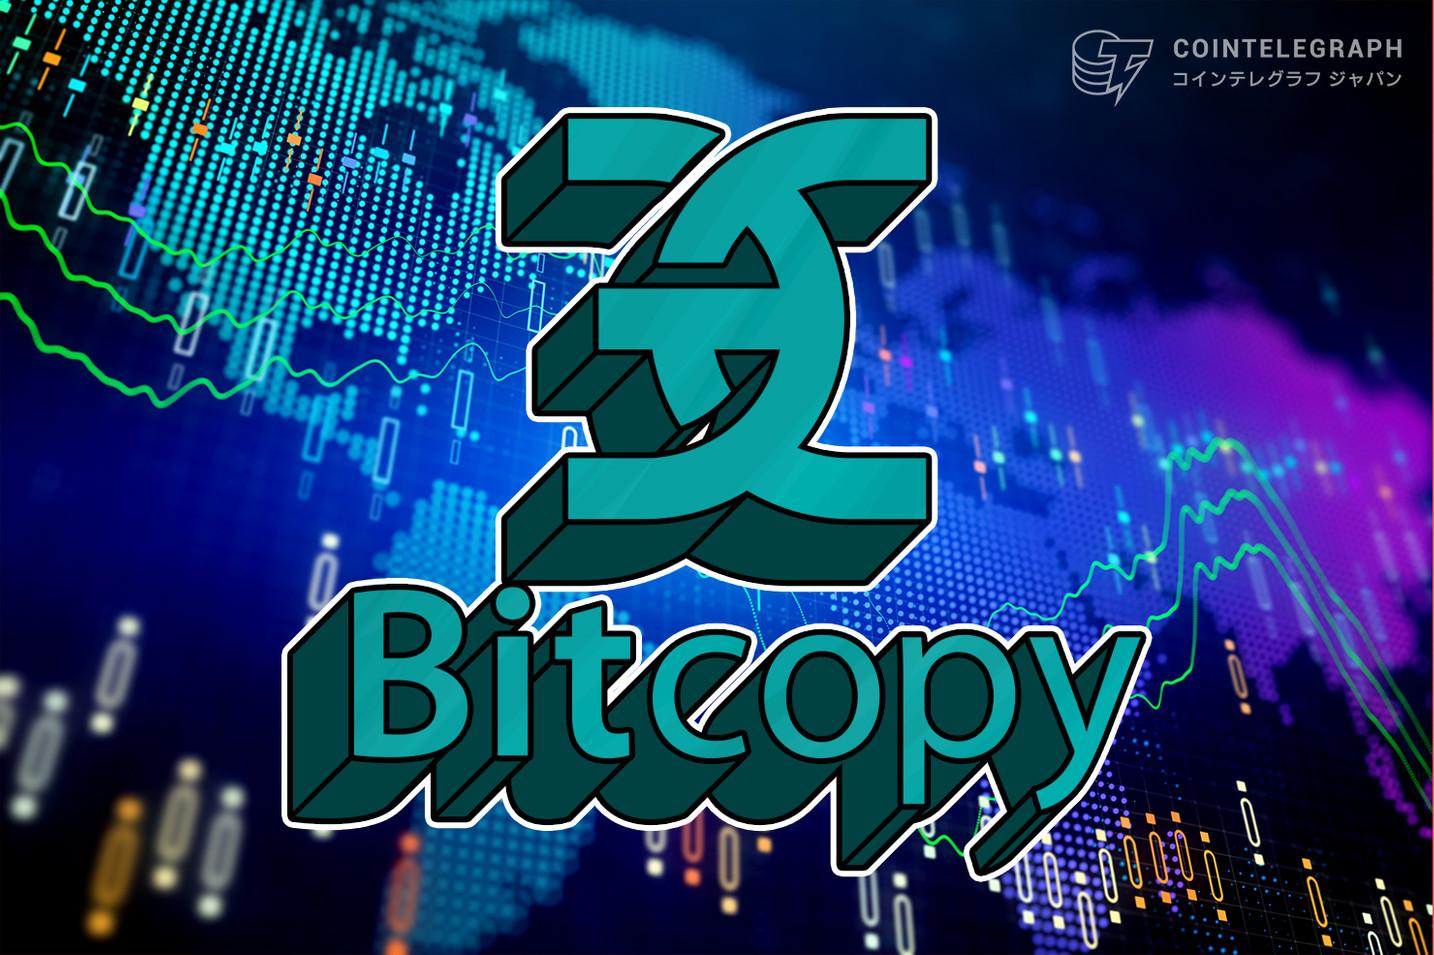 仮想通貨取引所FTXとコピートレードのBitcopyが資本業務提携